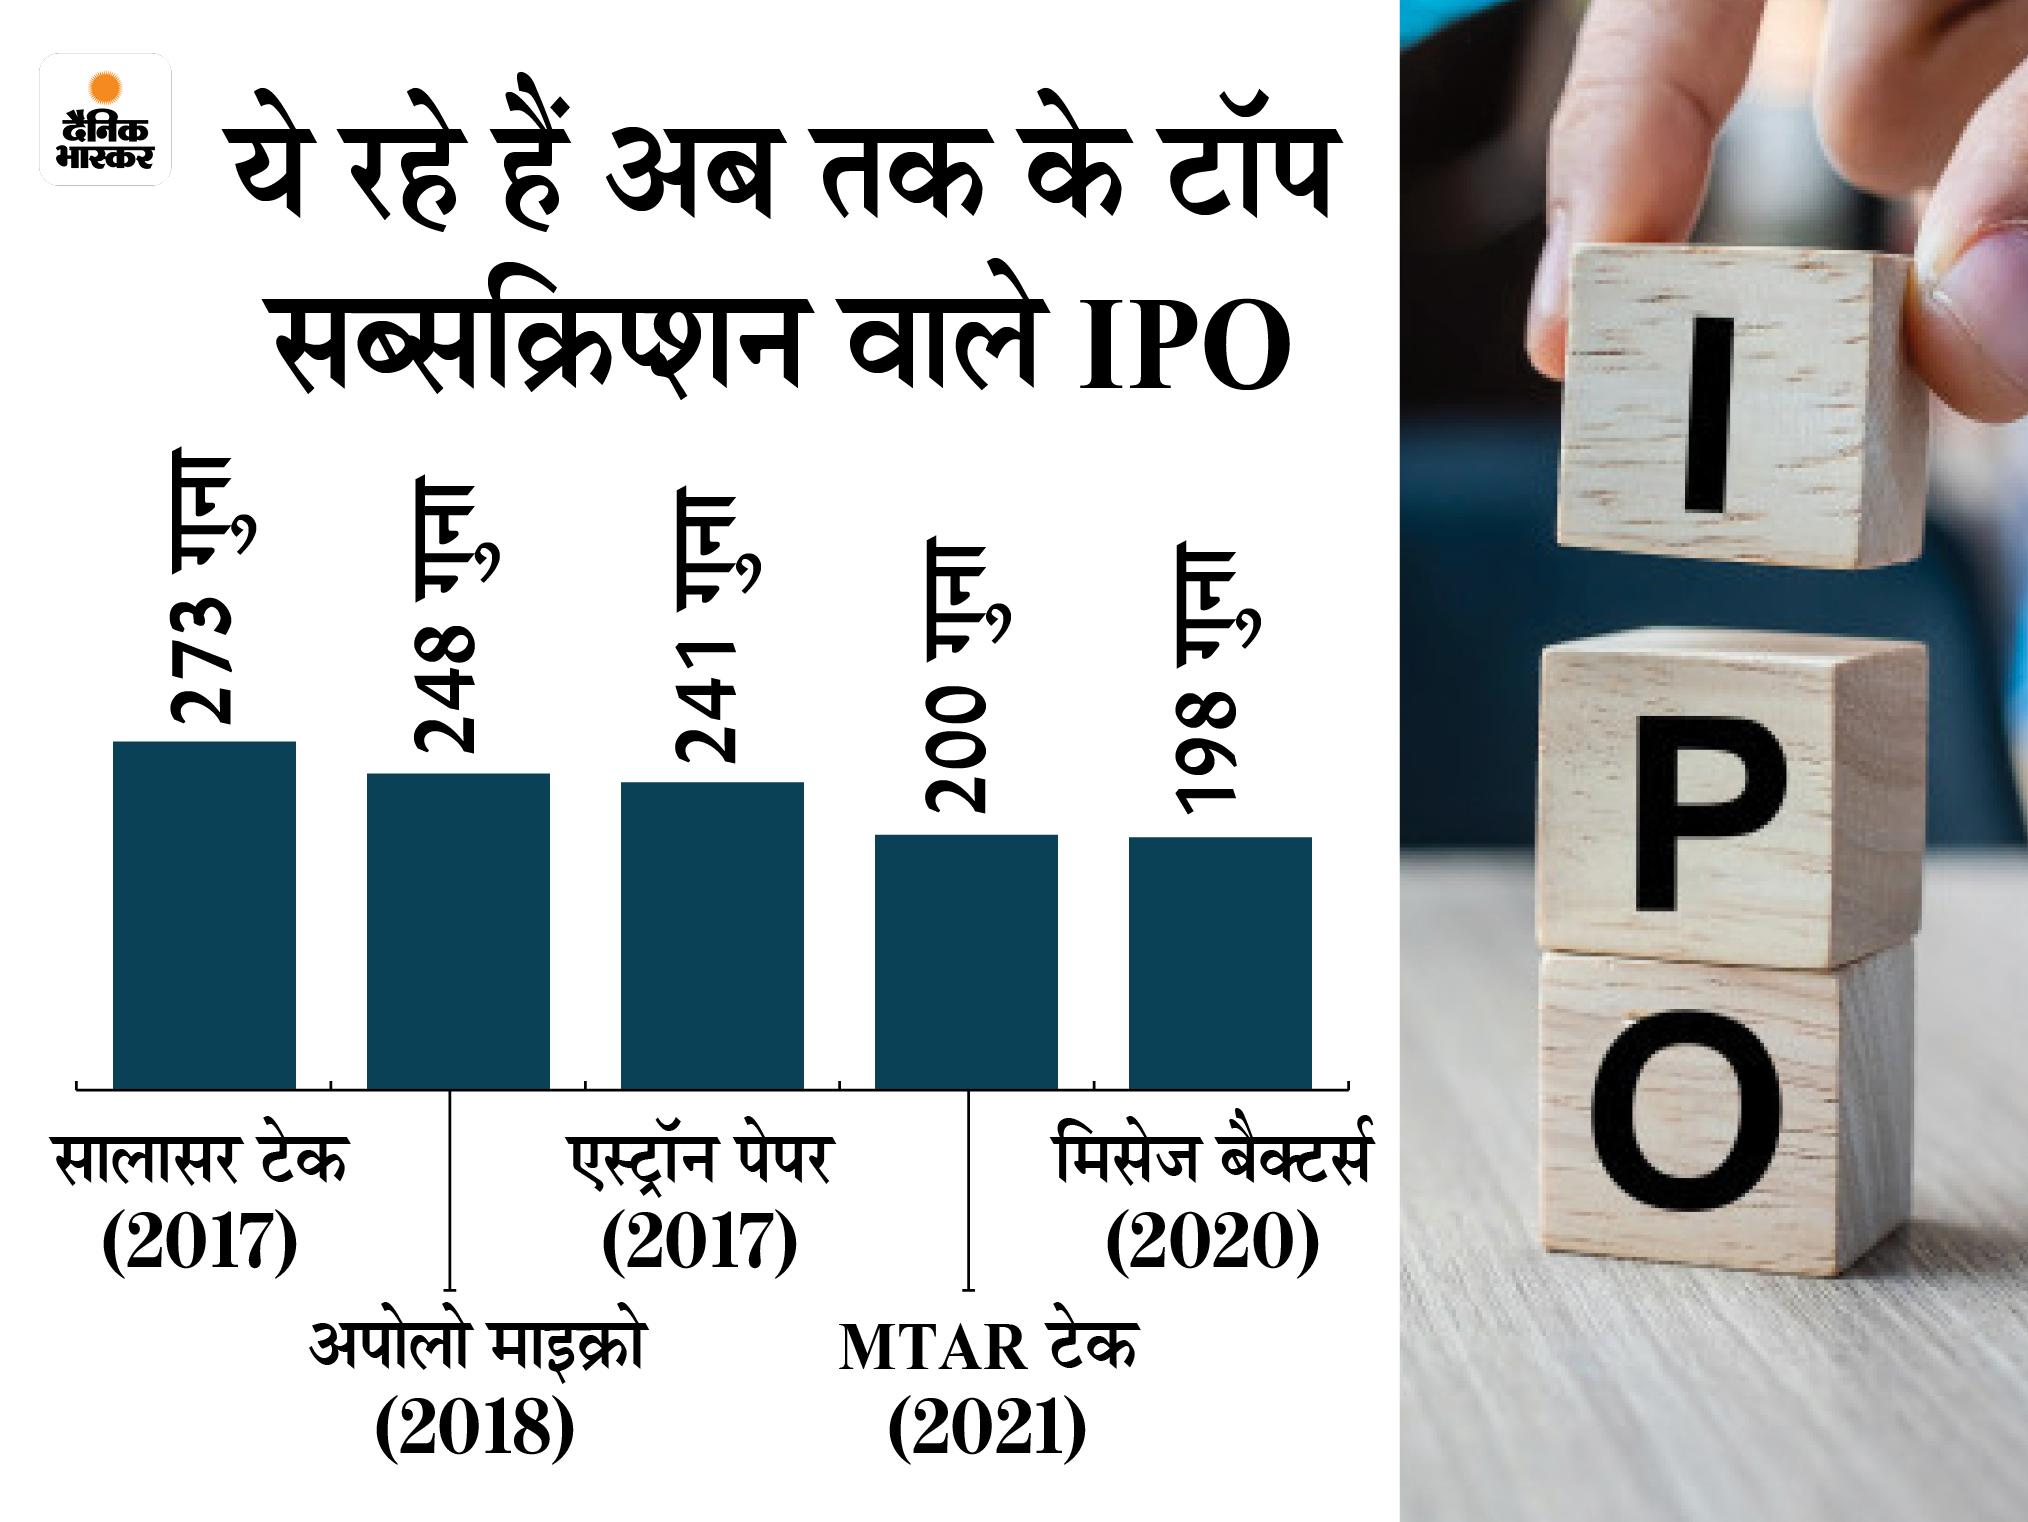 कंपनी का IPO 304 गुना भरा, रिटेल निवेशकों का हिस्सा 112 गुना सब्सक्राइब; 1 अक्टूबर को लिस्ट होगी कंपनी बिजनेस,Business - Dainik Bhaskar